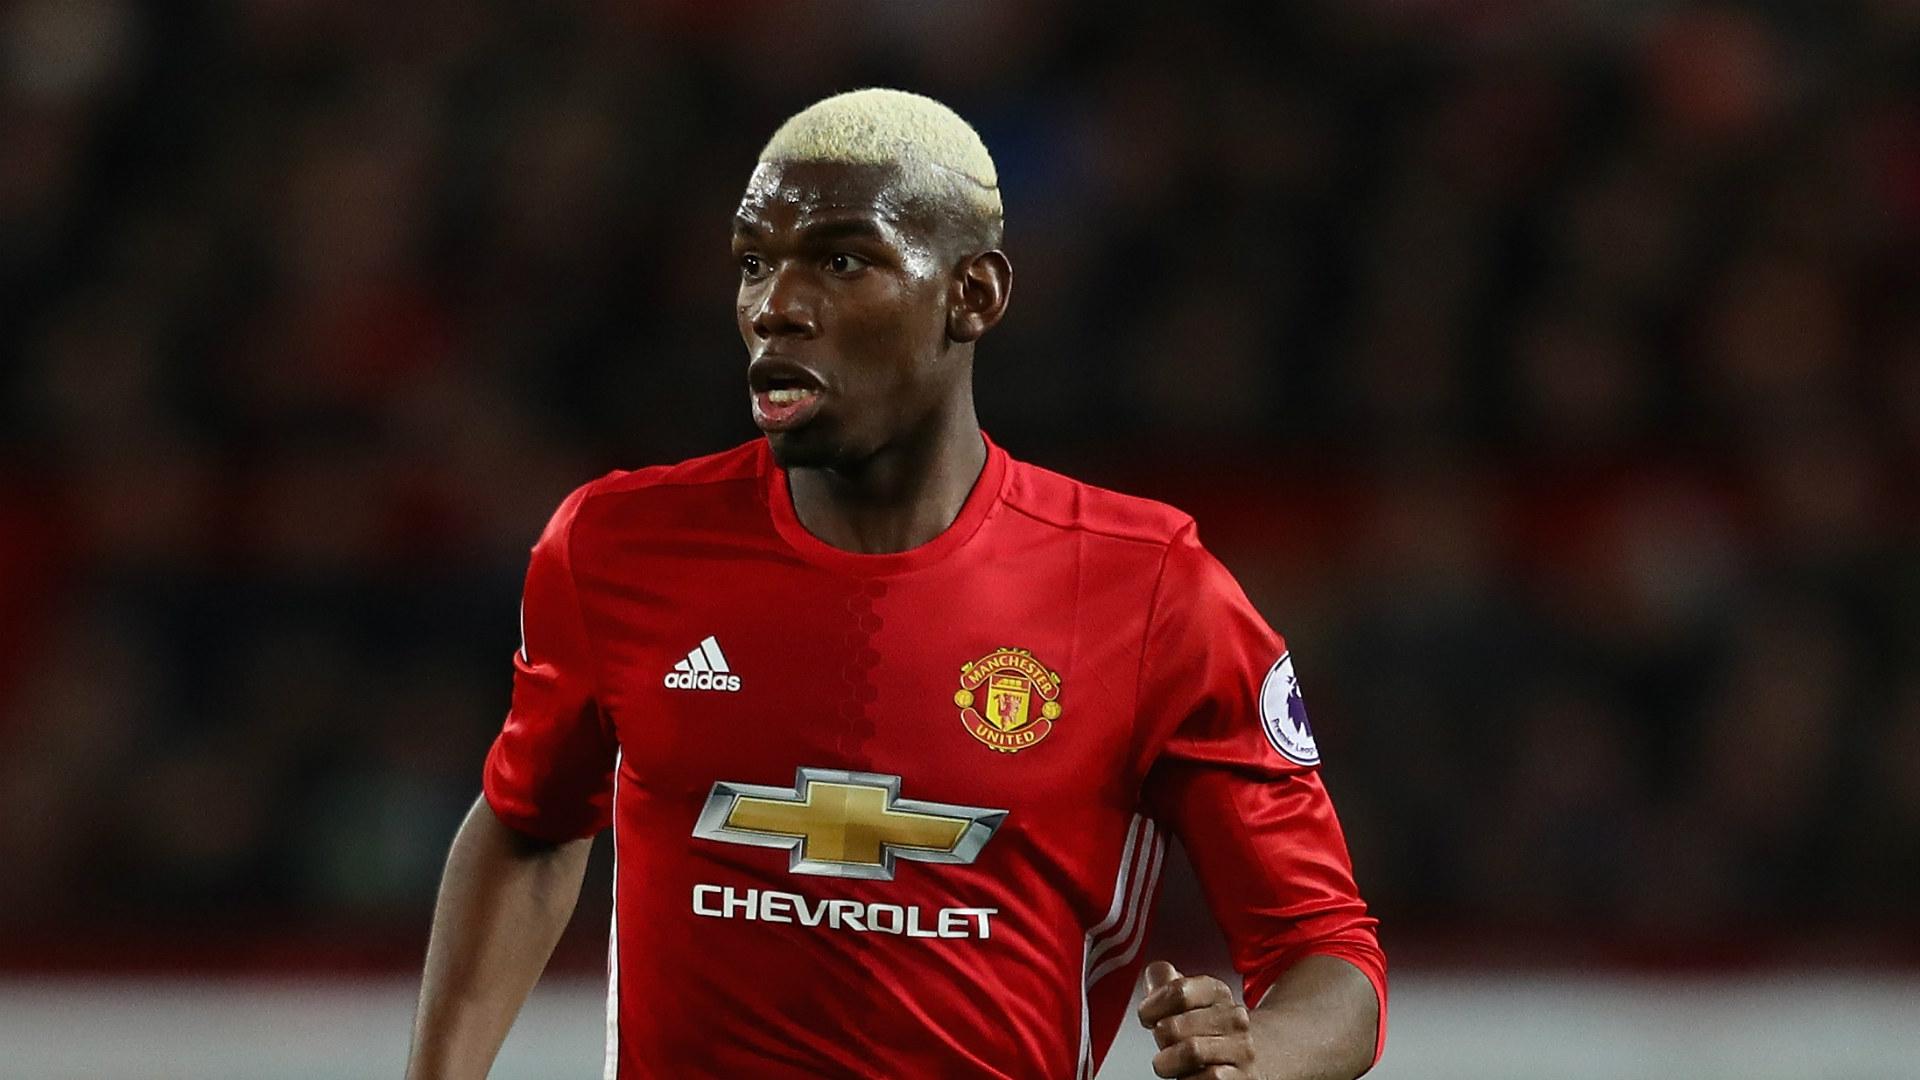 PAUL POGBA | Manchester United | Tiền vệ người Pháp đã có một đường chuyền tuyệt vời cho Ibrahimovic, giúp tiền đạo người Thụy Điển ghi bàn thắng ấn định tỉ số 2-1 cho Man Utd.